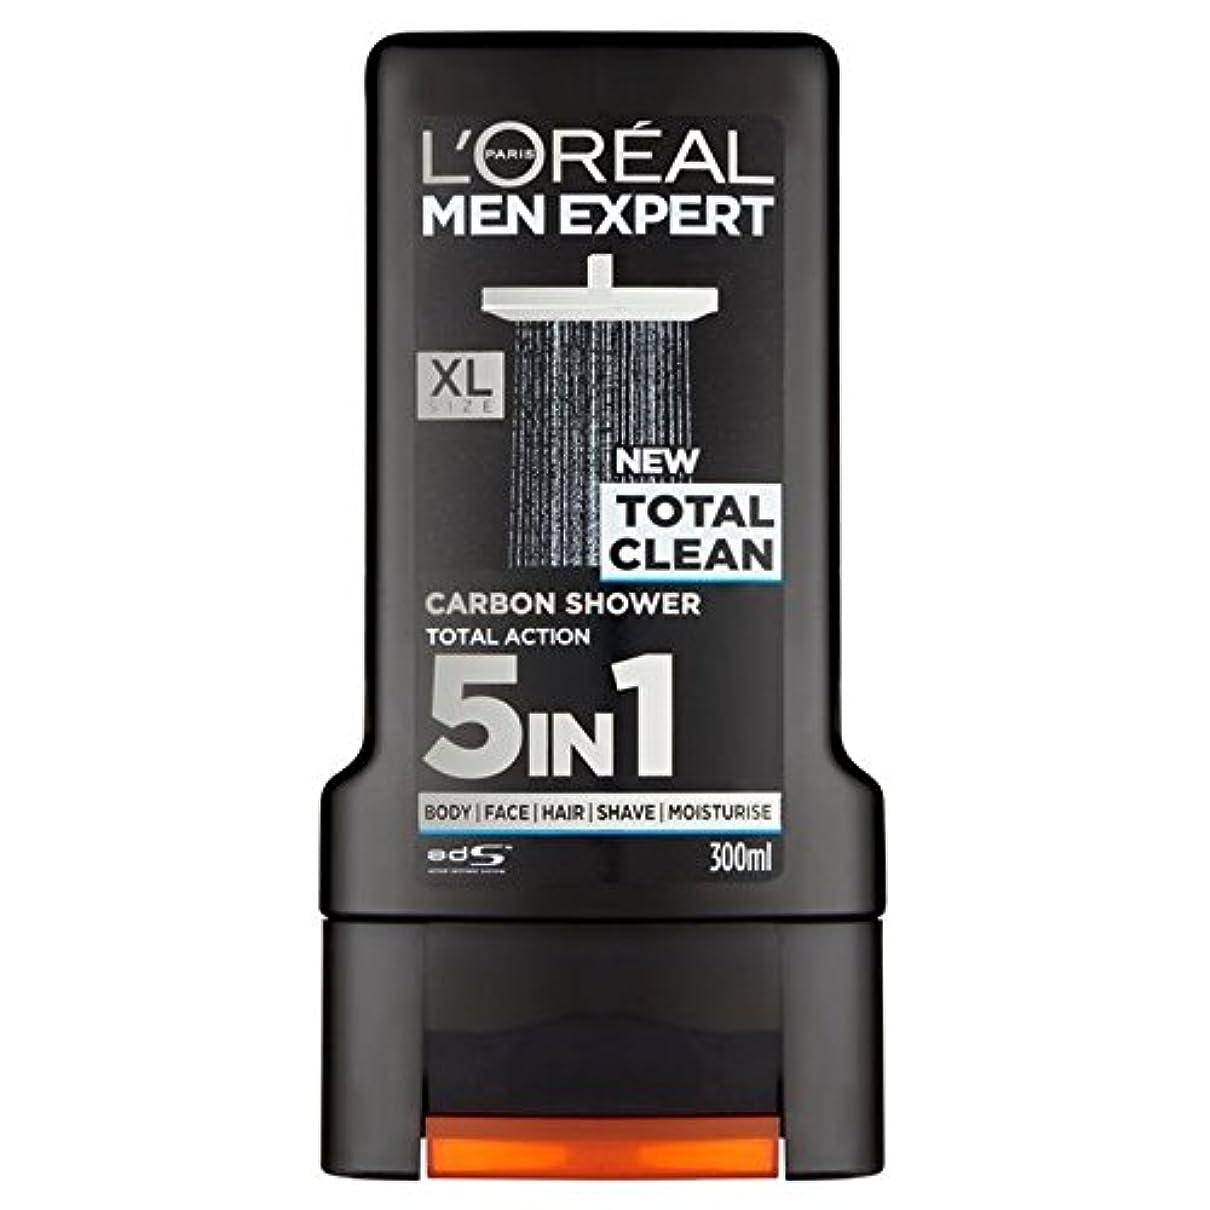 教育者好色な不従順L'Oreal Paris Men Expert Total Clean Shower Gel 300ml - ロレアルパリのメンズ専門トータルクリーンシャワージェル300ミリリットル [並行輸入品]